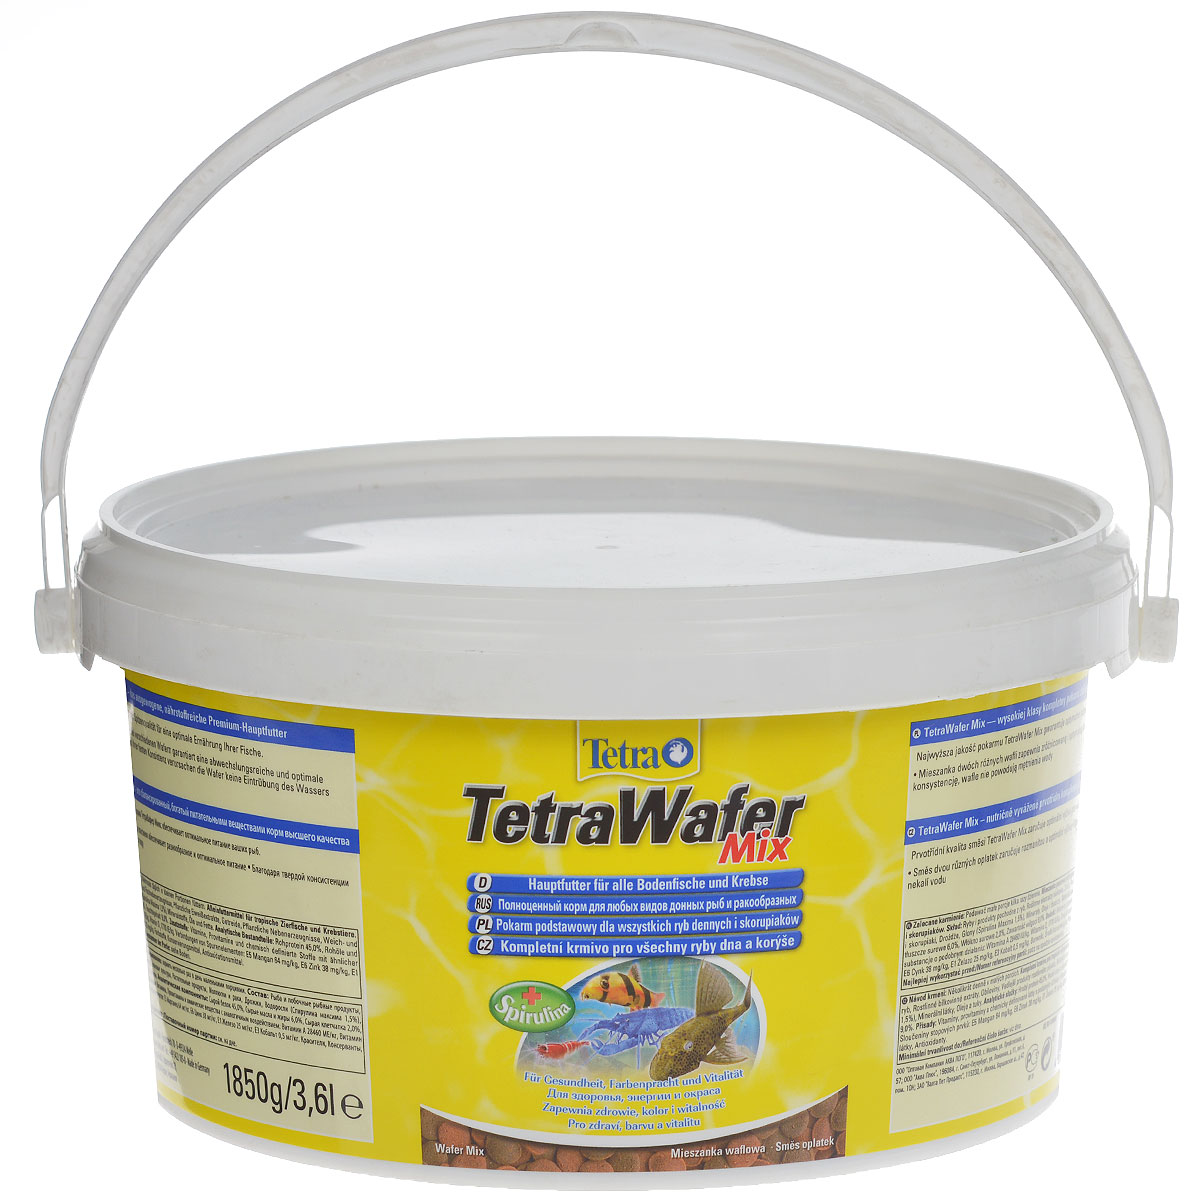 Корм сухой TetraWafer Mix для всех донных рыб и ракообразных, в виде пластинок, 3,6 л0120710Корм TetraWafer Mix - это сбалансированный, богатый питательными веществами корм высшего качества. Превосходное качество корма обеспечивает оптимальное питание ваших рыб.Сочетание двух разных пластинок обеспечивает разнообразие и оптимальное питание. Благодаря твердой консистенции пластинки не загрязняют воду.Рекомендации по кормлению: кормить несколько раз в день маленькими порциями.Характеристики:Состав: рыба и побочные рыбные продукты, зерновые культуры, экстракты растительного белка, растительные продукты, дрожжи, моллюски и раки, масла и жиры, водоросли (спирулина максима 1,5%), минеральные вещества.Пищевая ценность: сырой белок - 45%, сырые масла и жиры - 6%, сырая клетчатка - 2%, влага - 9%.Добавки: витамины, провитамины и химические вещества с аналогичным воздействием, витамин А 28460 МЕ/кг, витамин Д3 1770 МЕ/кг. Комбинации элементов: Е5 Марганец 64 мг/кг, Е6 Цинк 38 мг/кг, Е1 Железо 25 мг/кг, Е3 Кобальт 0,5 мг/кг. Красители, консерванты, антиоксиданты.Вес: 500 мл (1850 г).